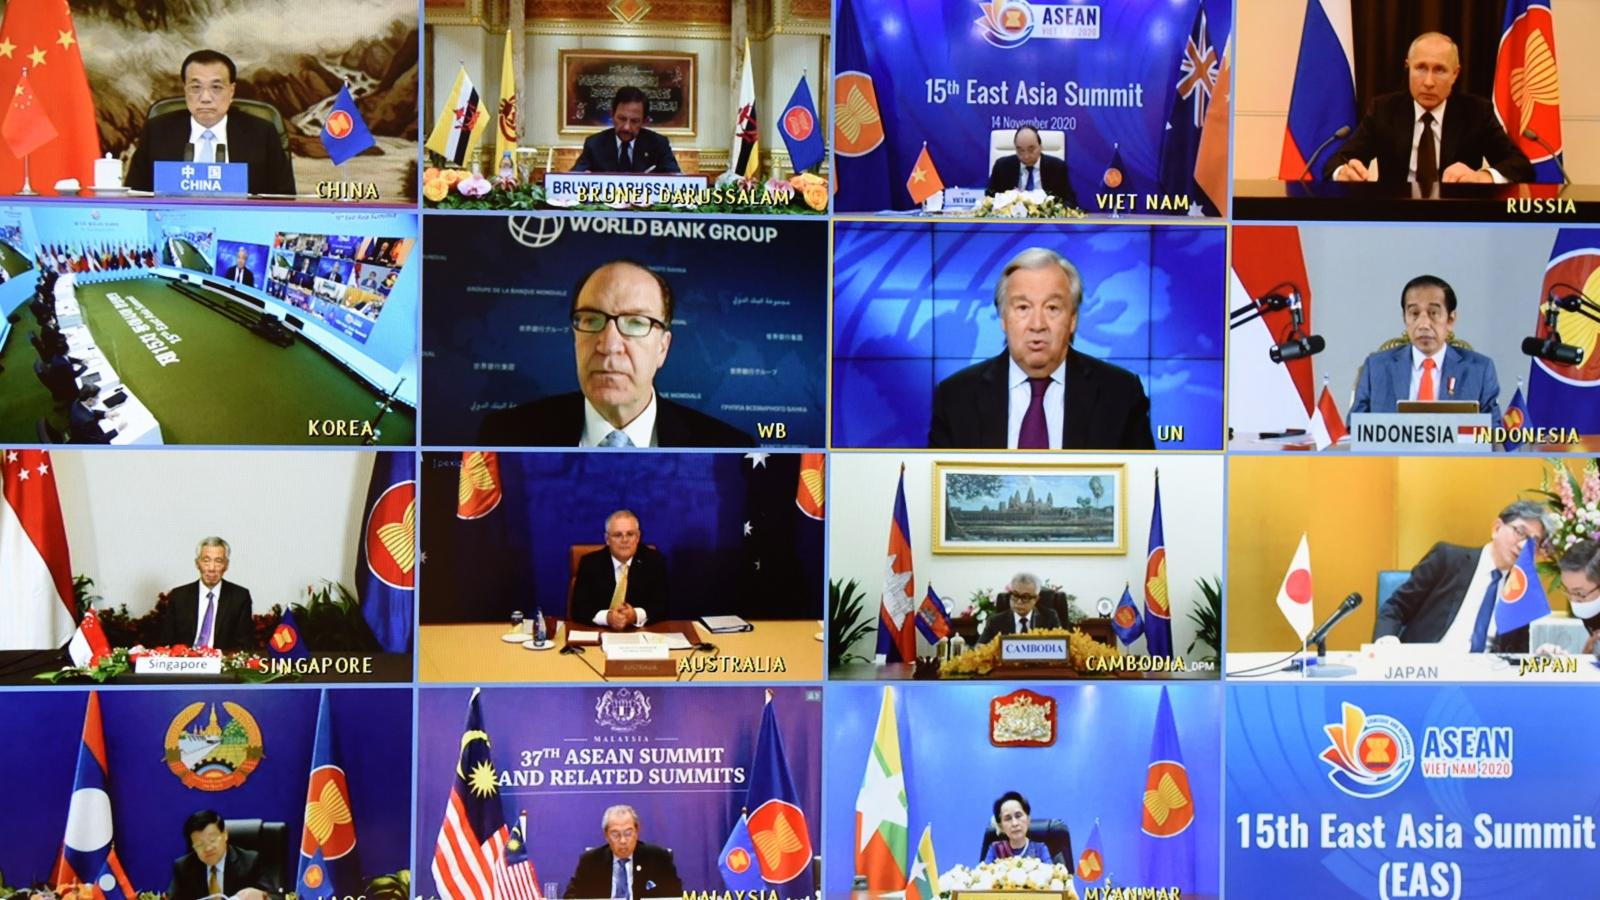 Vấn đề Biển Đông được thảo luận ra sao tại Hội nghị Cấp cao ASEAN 37 và EAS 15?